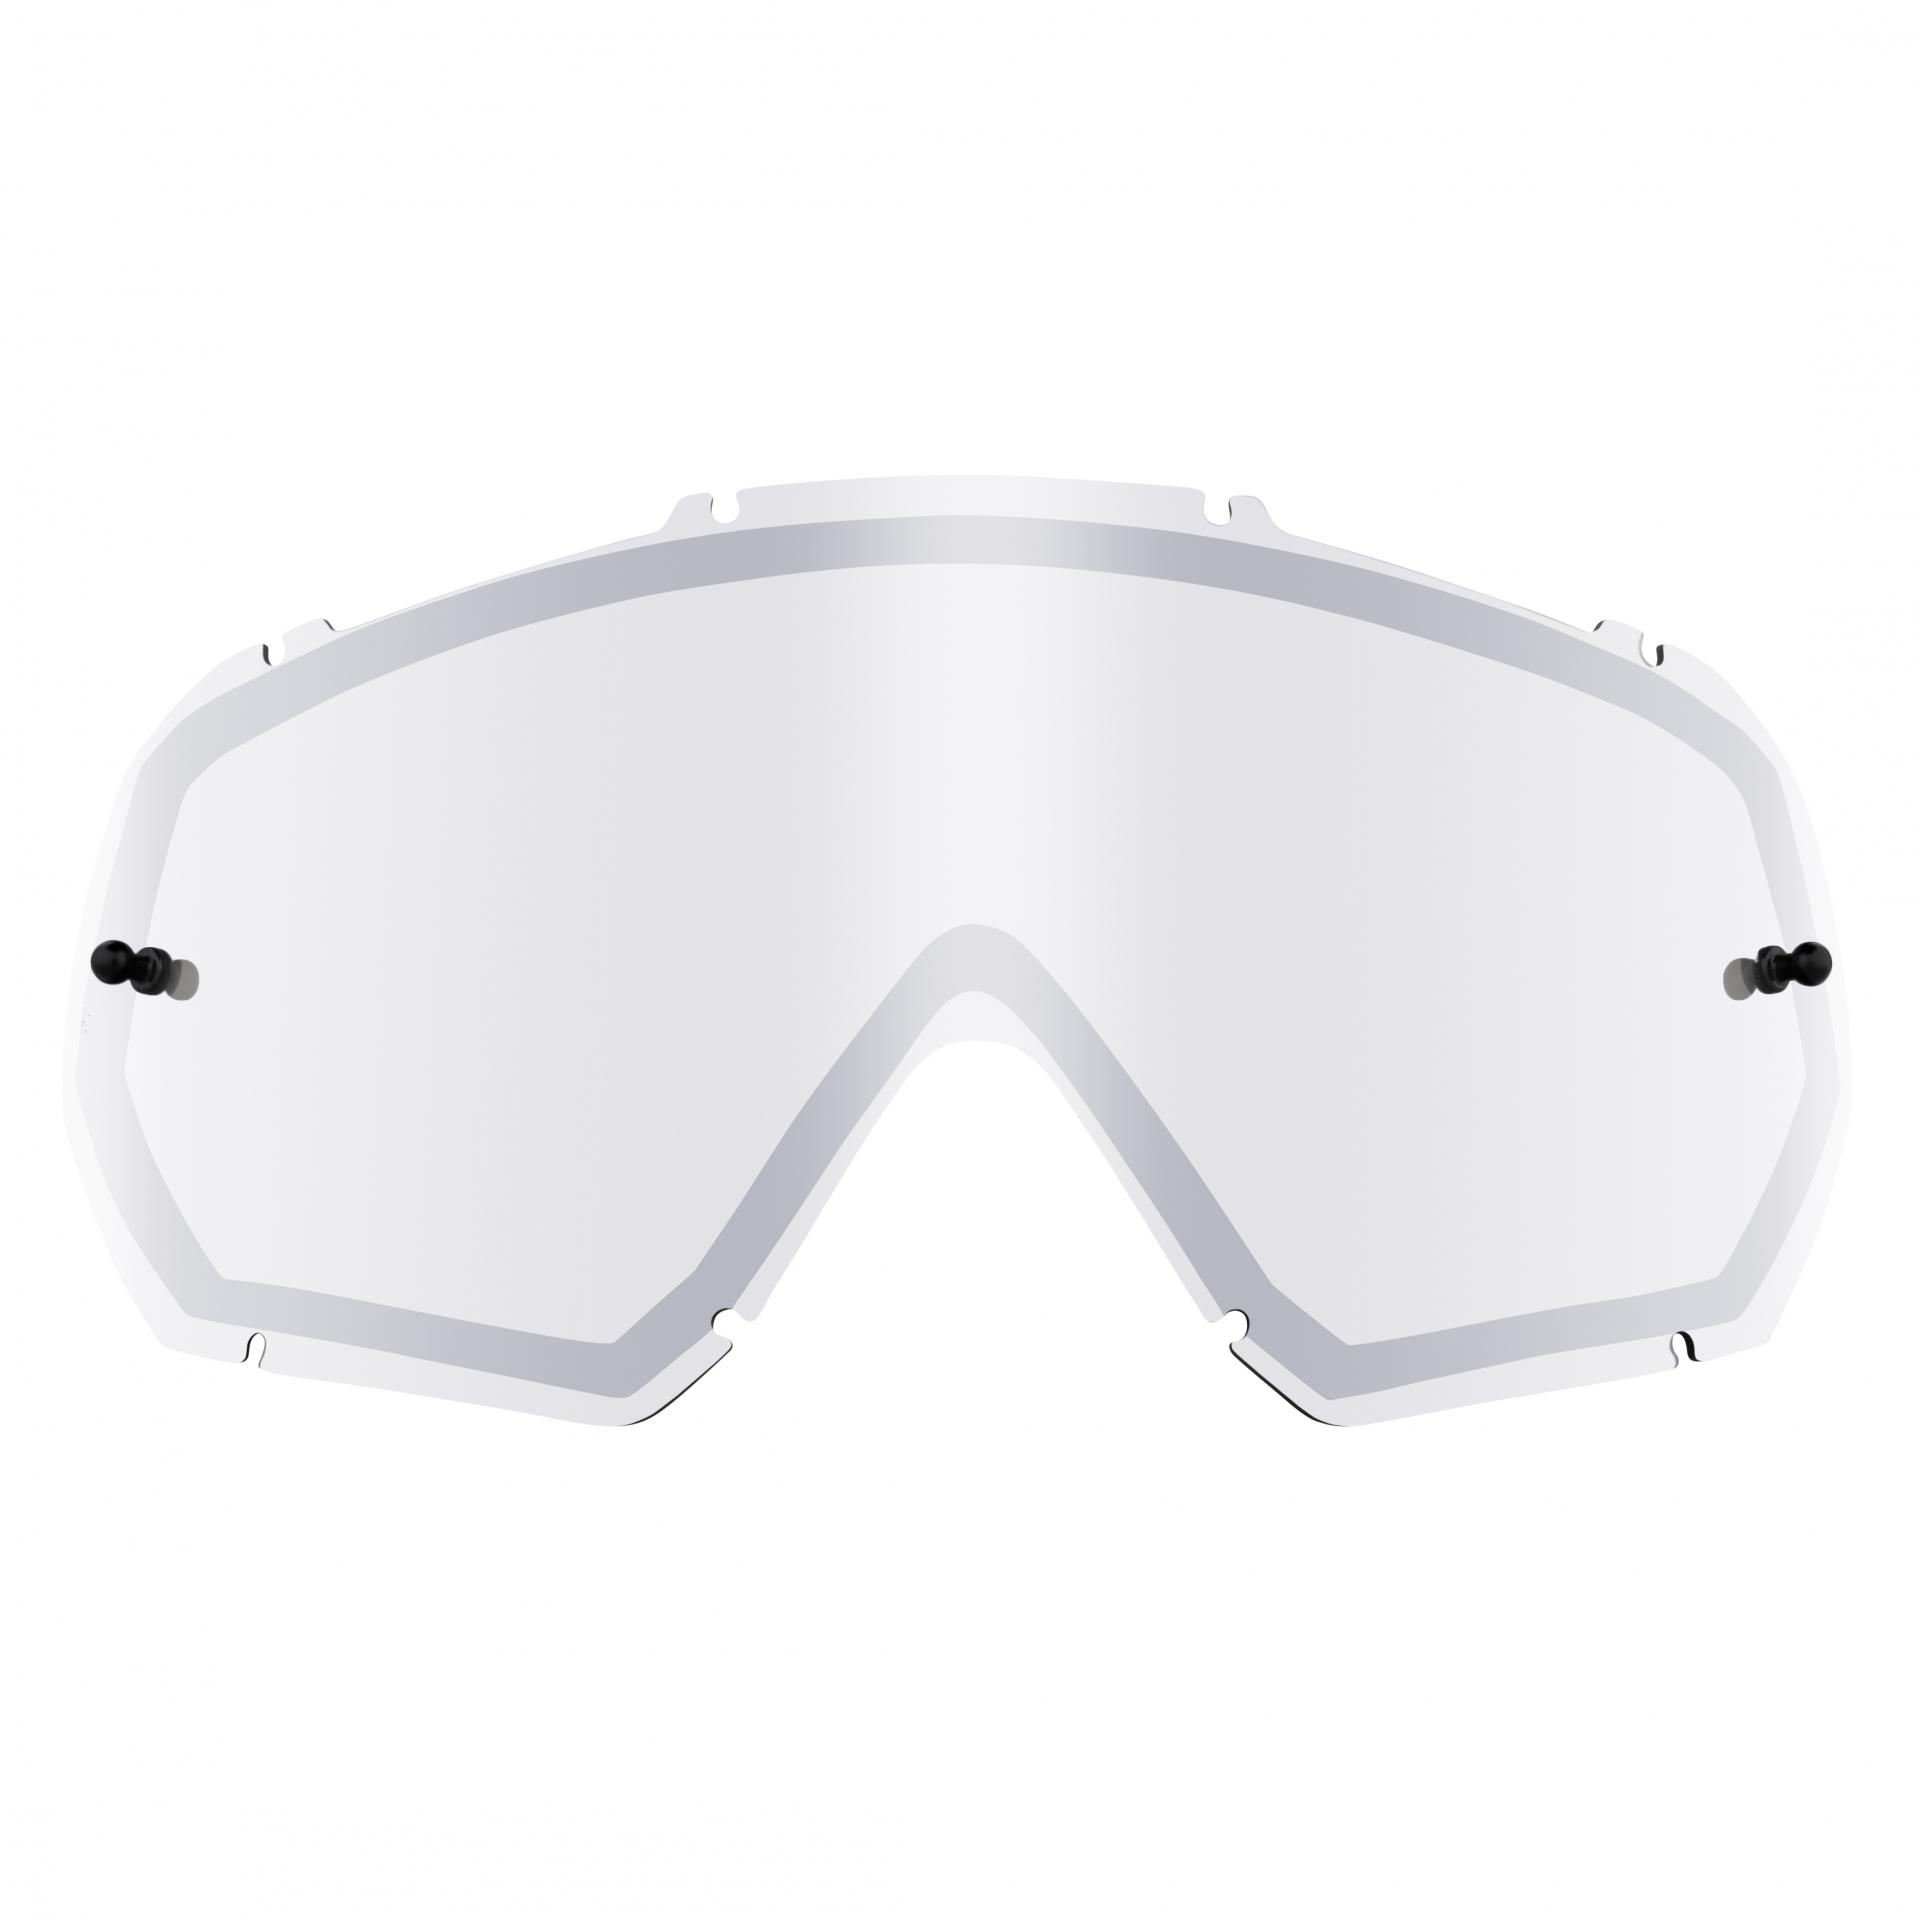 Écran O'Neal pour masque B-10 Goggle Spare Double Lens Silver Mirror